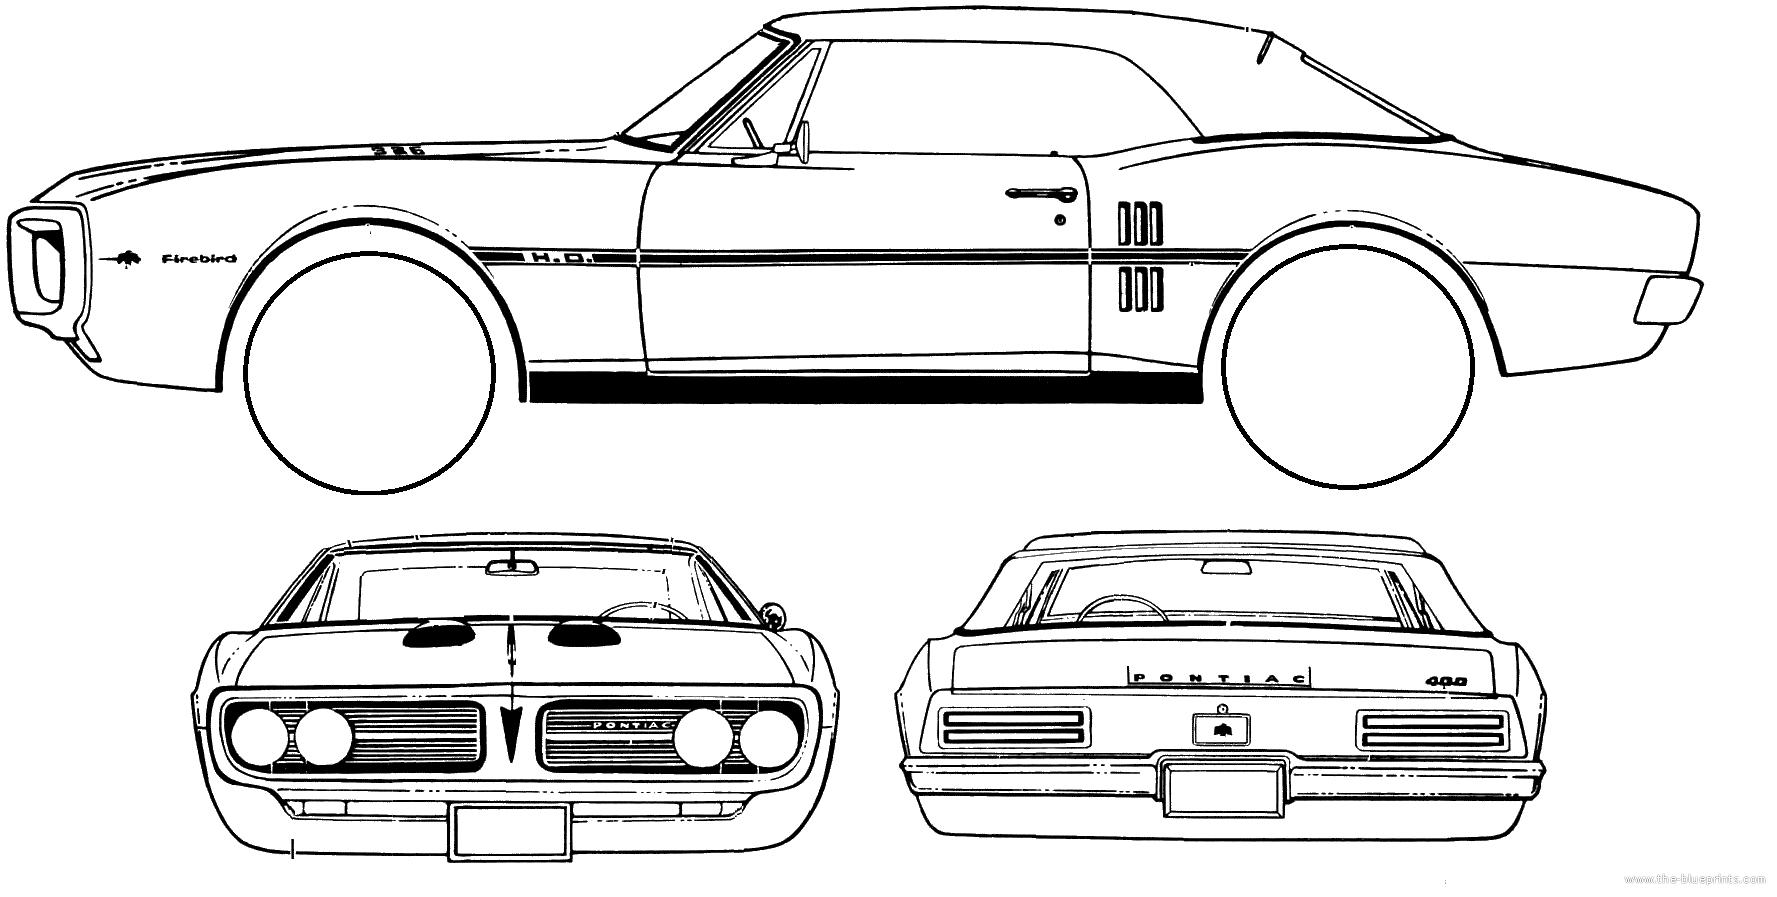 Pontiac Firebird Blueprint